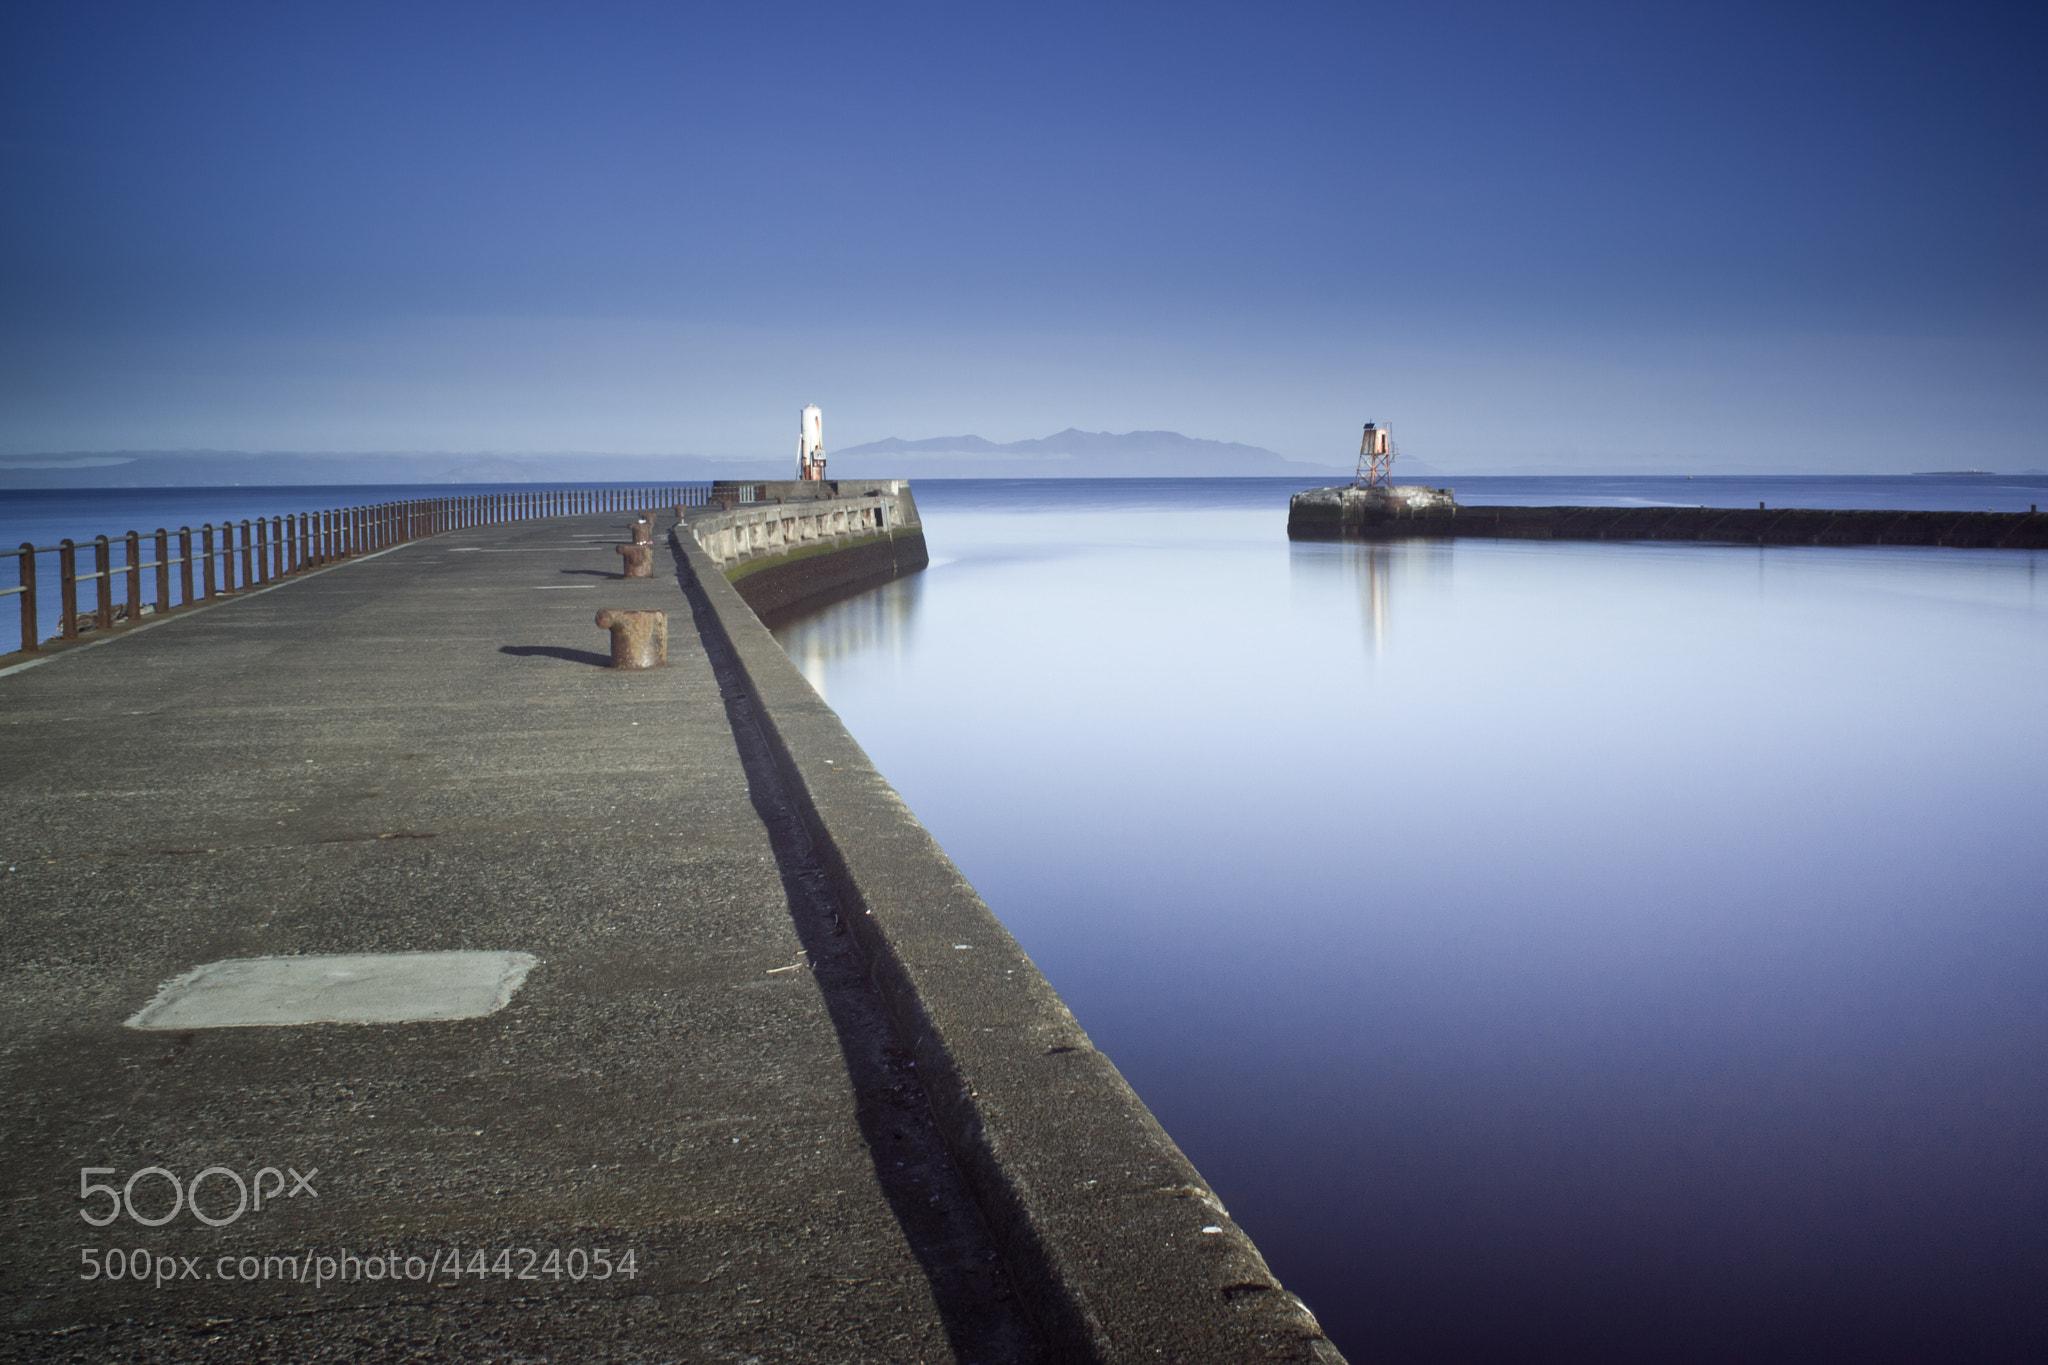 Photograph Sea air by Callum Strachan on 500px